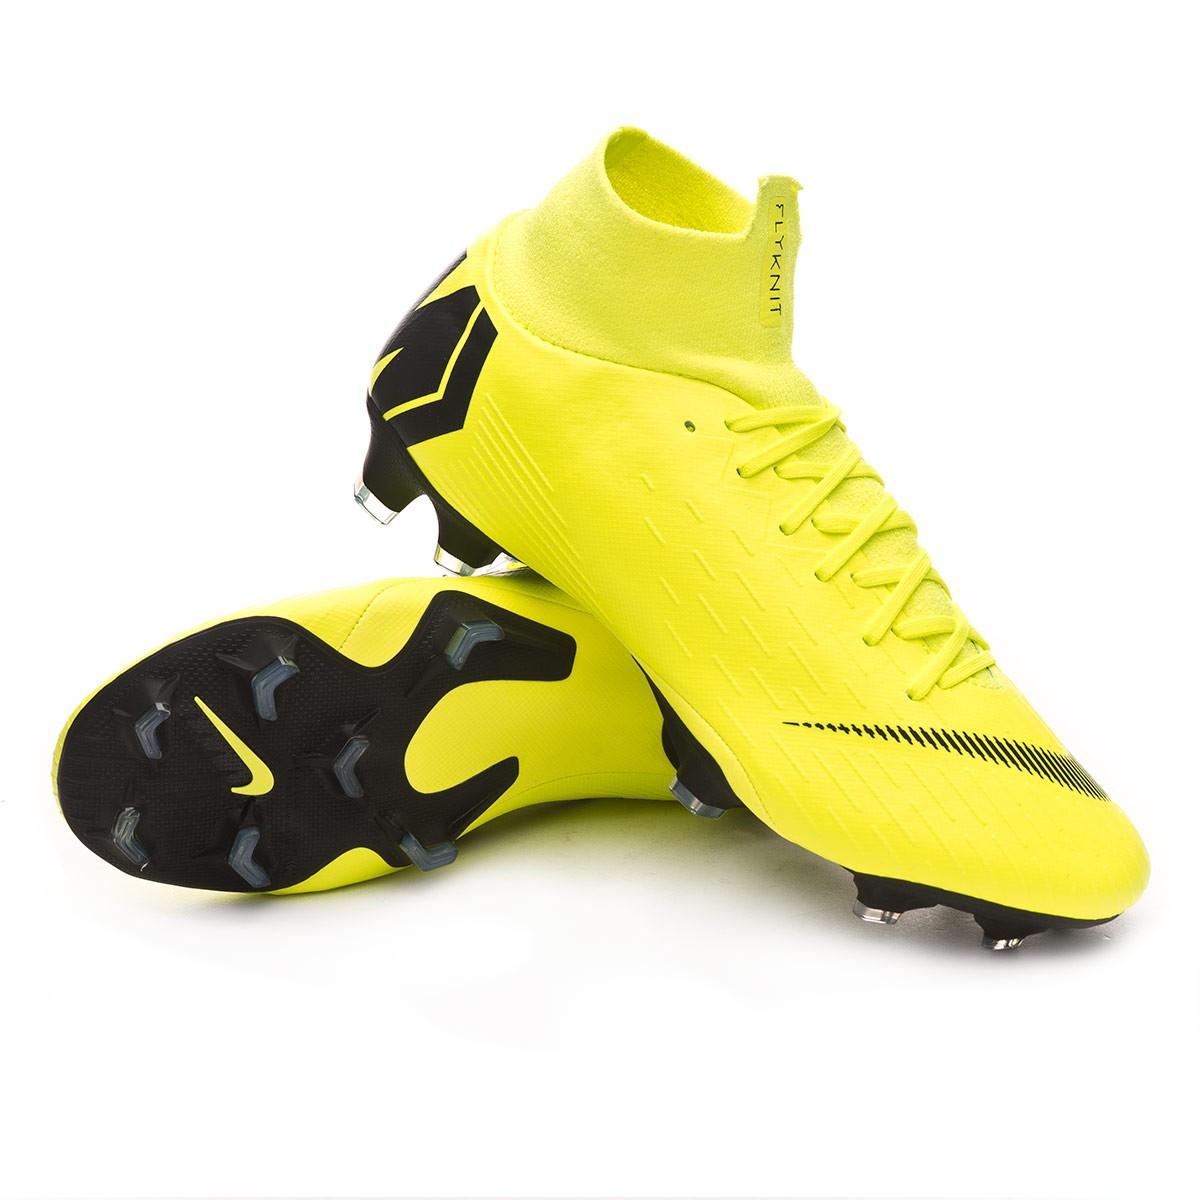 separation shoes 78e09 a8093 Chaussure de foot Nike Mercurial Superfly VI Pro FG Volt-Black - Boutique  de football Fútbol Emotion